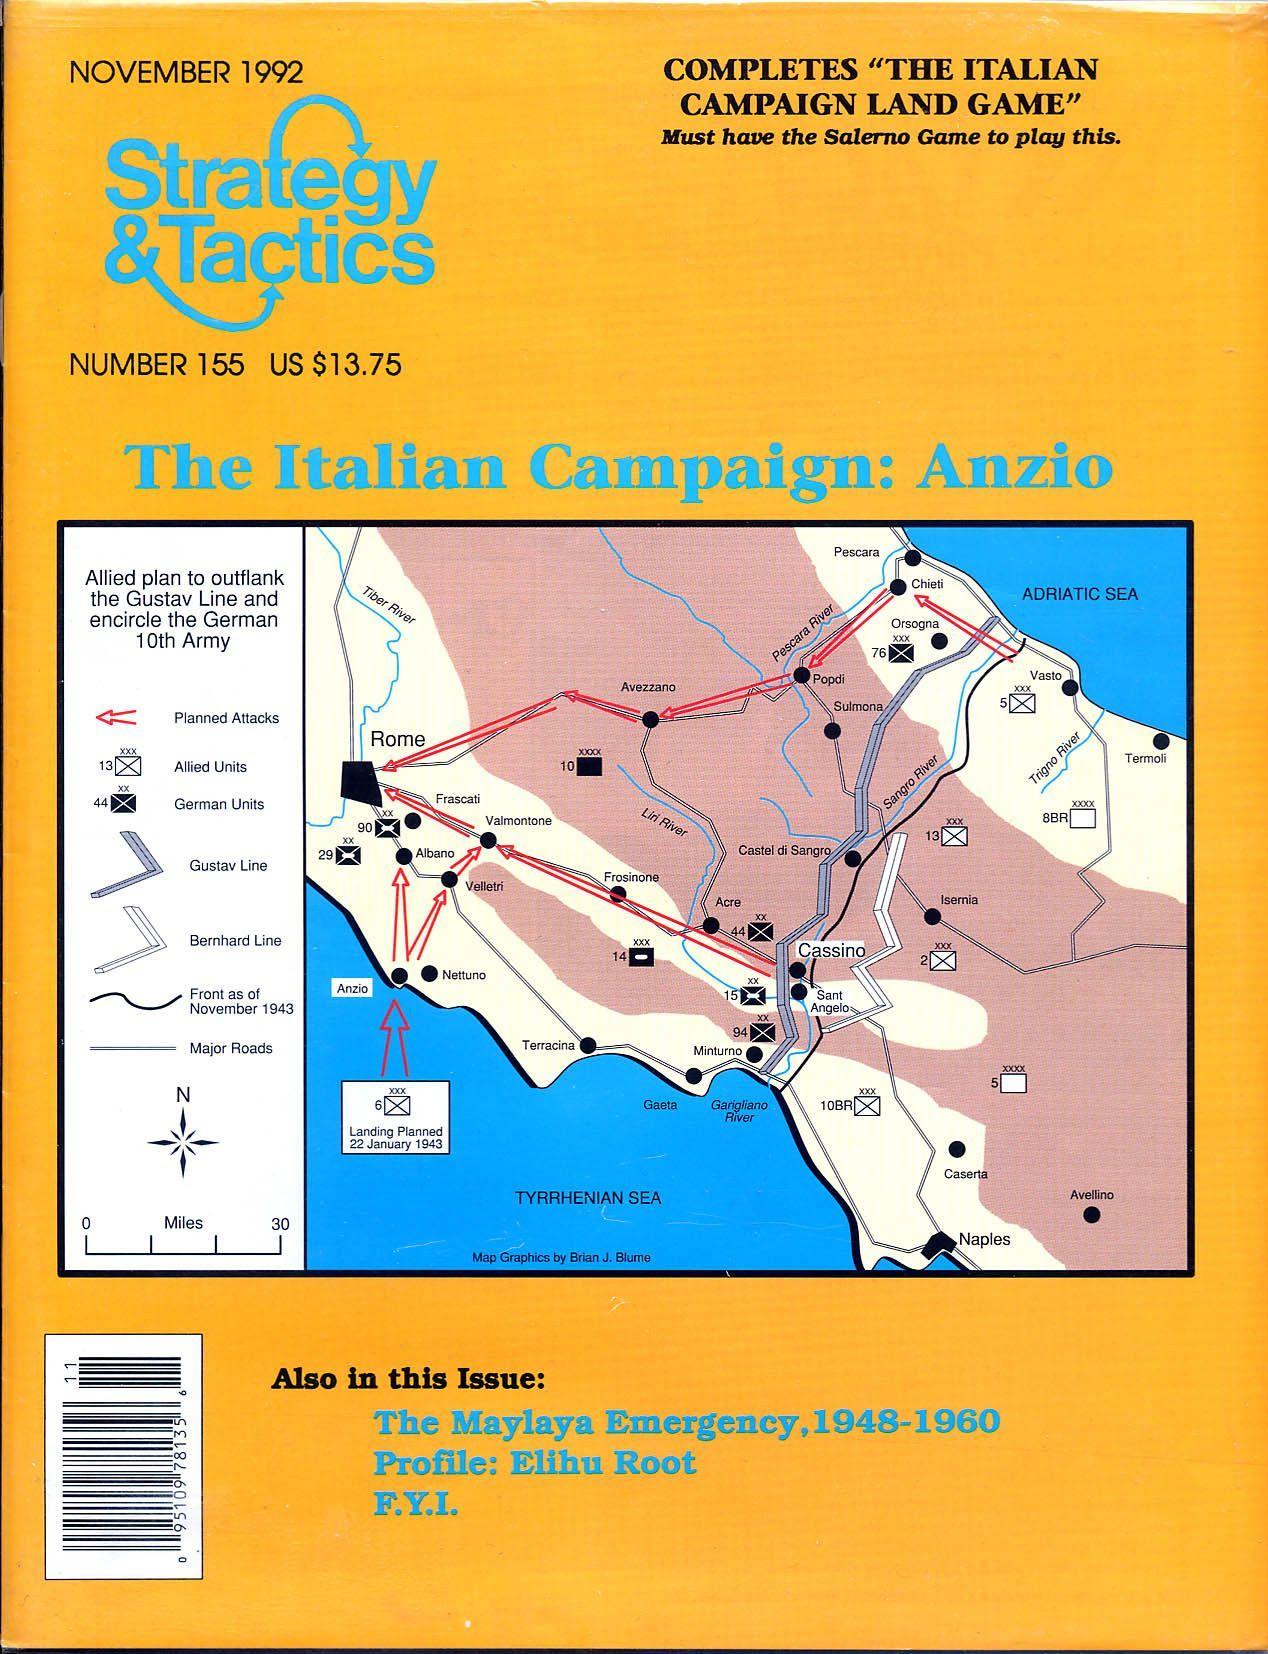 The Italian Campaign: Anzio